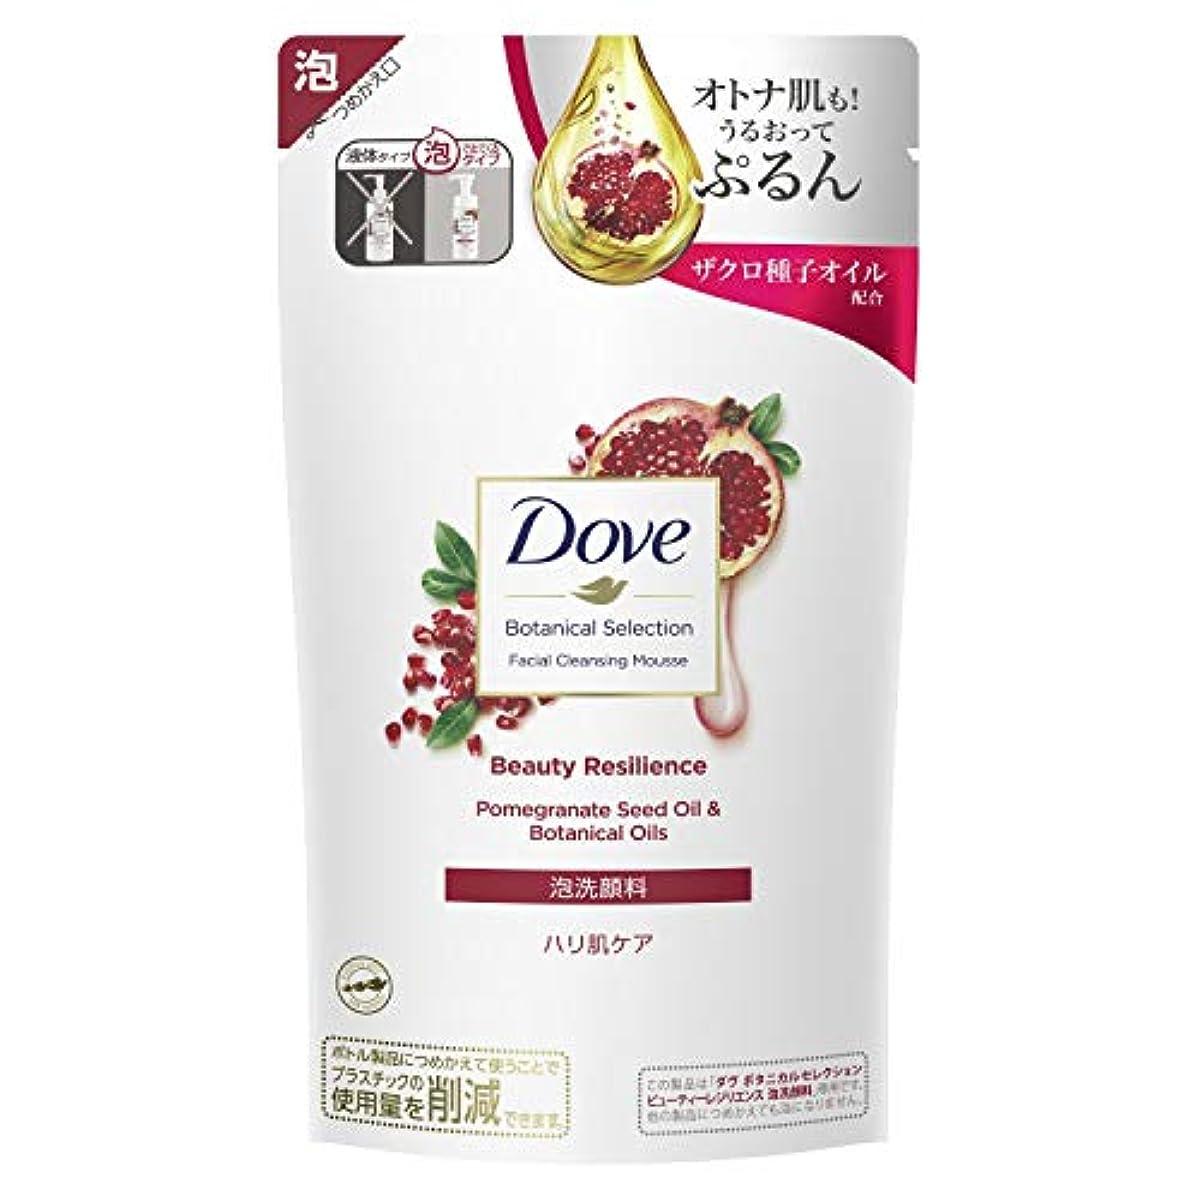 社会科インテリア勧告Dove(ダヴ) ダヴ ボタニカルセレクション ビューティーレジリエンス 泡洗顔料 つめかえ用 135mL